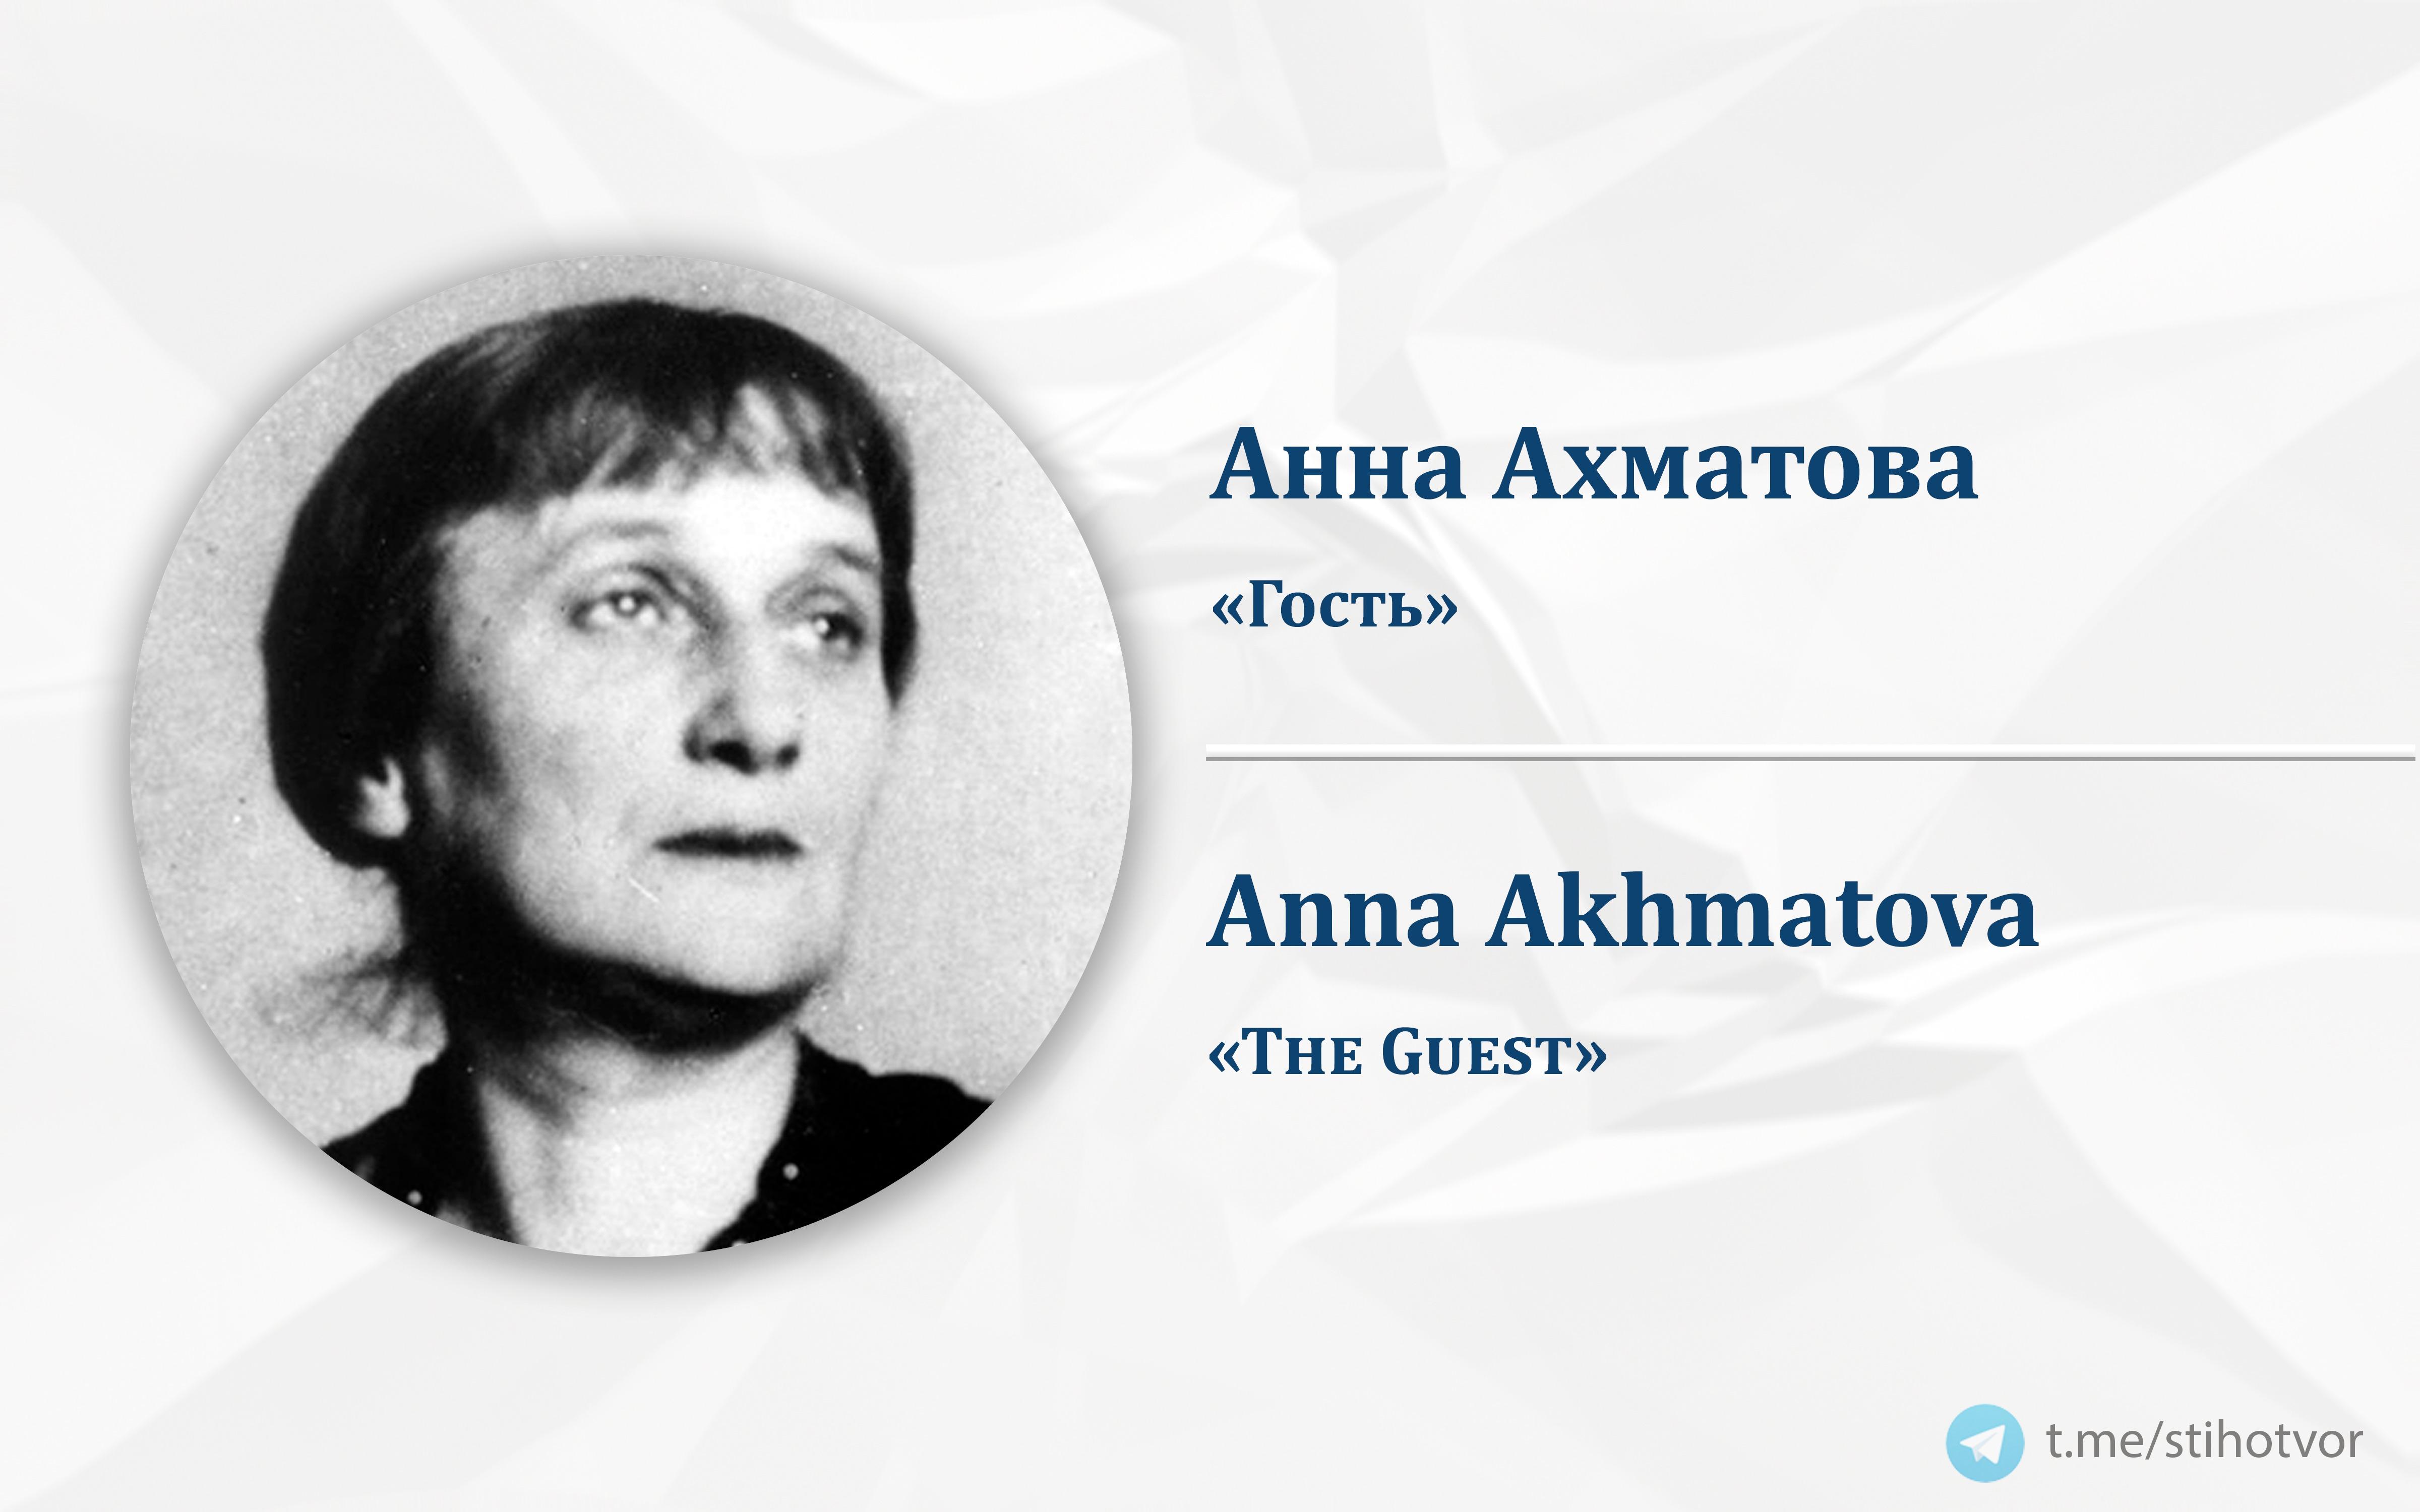 анна ахматова стихи гость как настоящая шлюшка